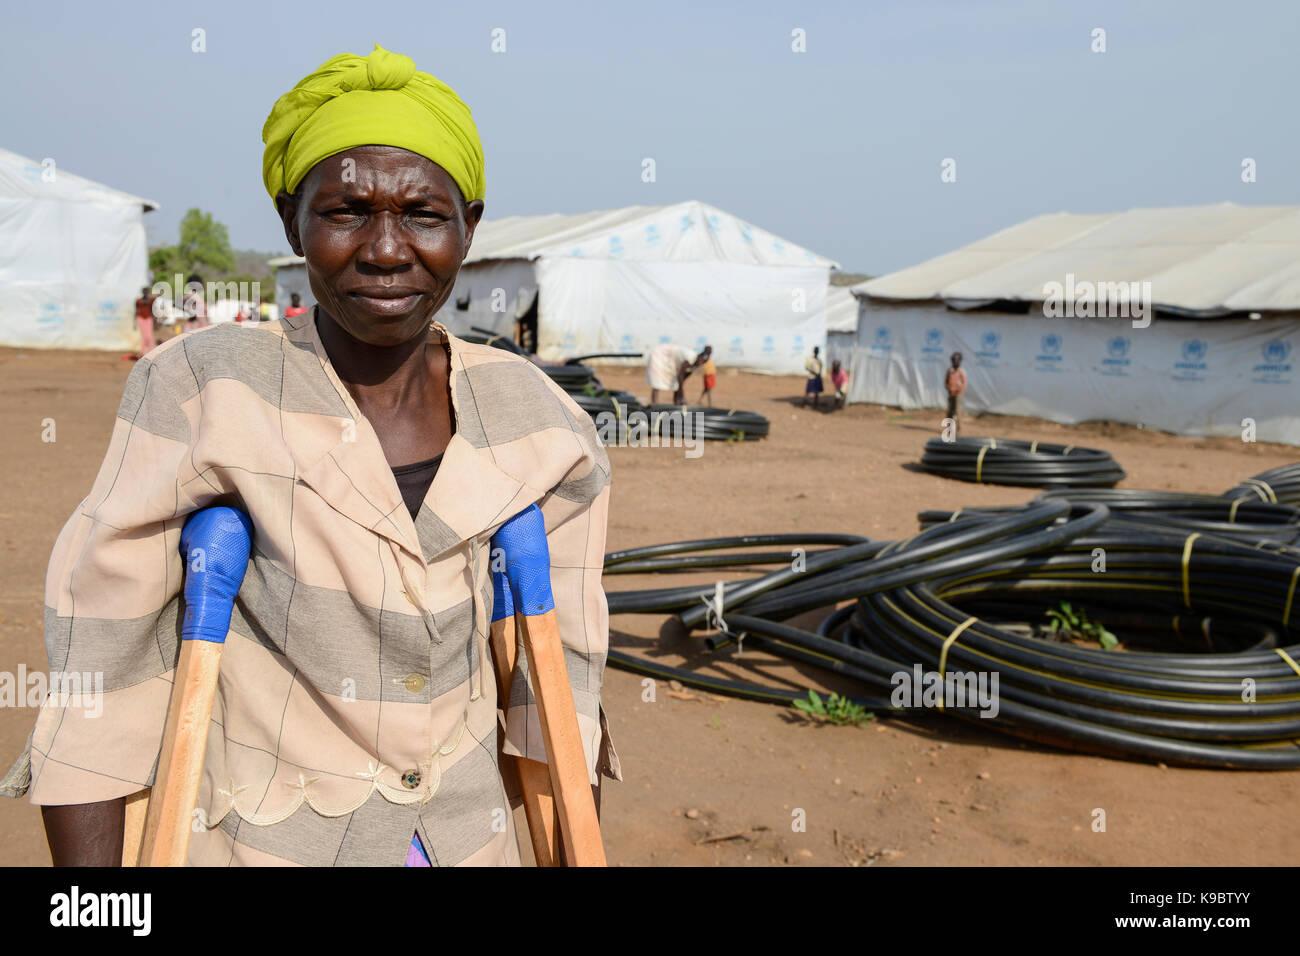 In Uganda, diocesi di Arua, Yumbe, sud profughi sudanesi in Bidi Bidi insediamento di rifugiati / suedsudanesische Immagini Stock